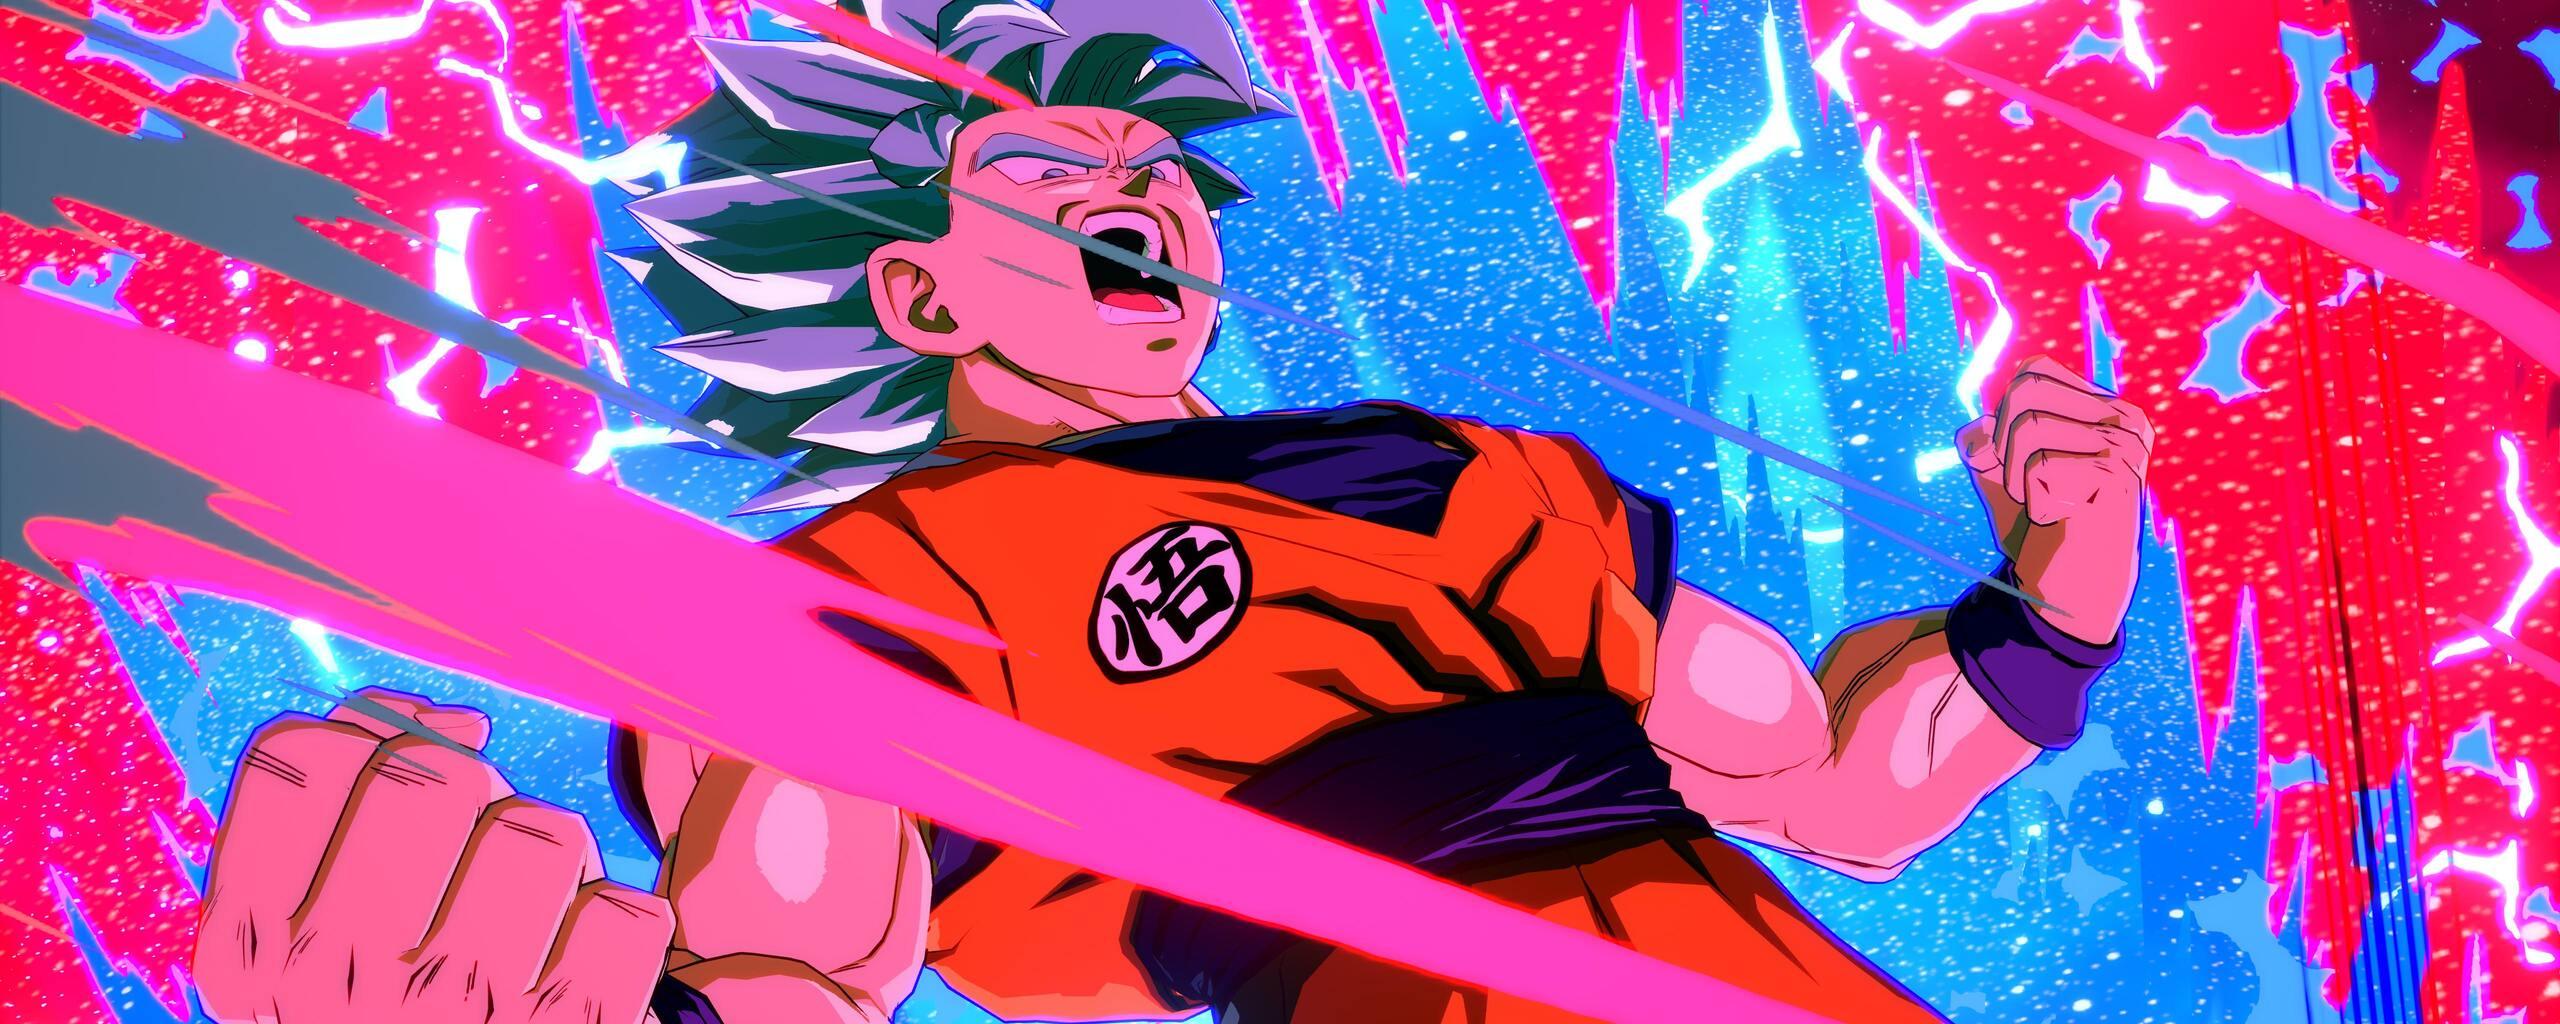 2560x1024 Goku Dragon Ball Fighterz 5k 2560x1024 Resolution